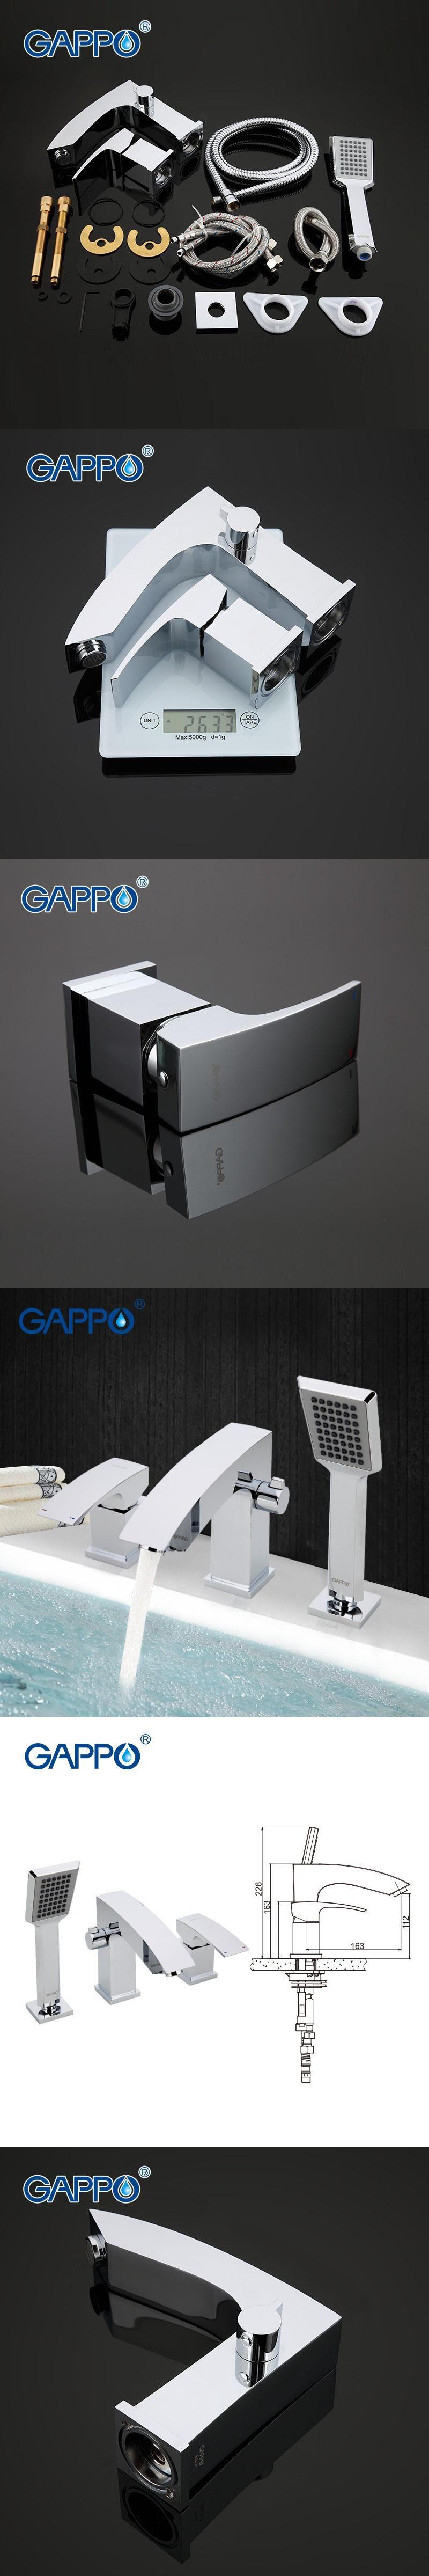 GAPPO bathroom shower faucet Bathtub Faucet tap bath shower shower ...